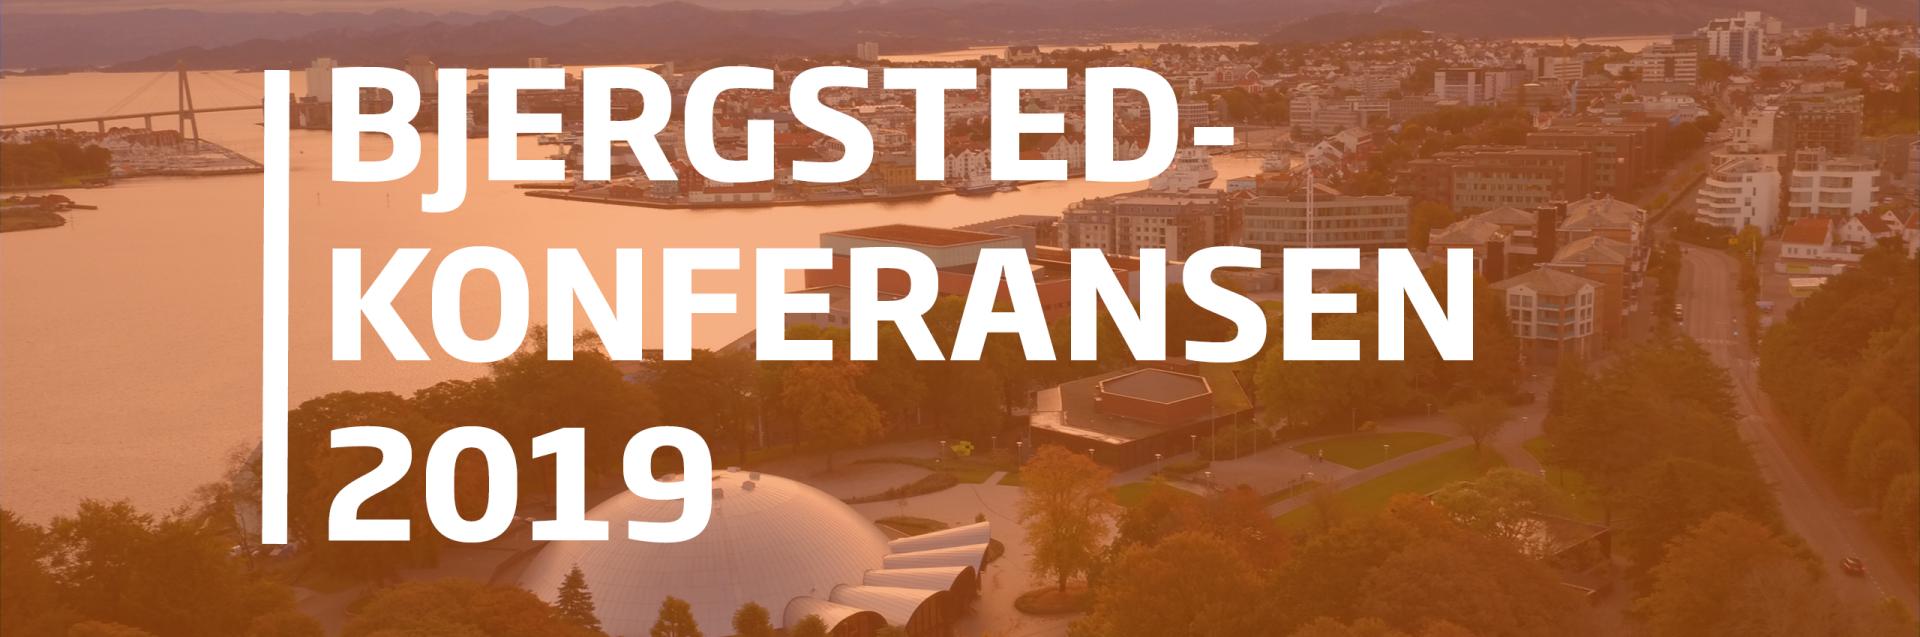 Illustrasjon for Bjergsted-konferansen 2019